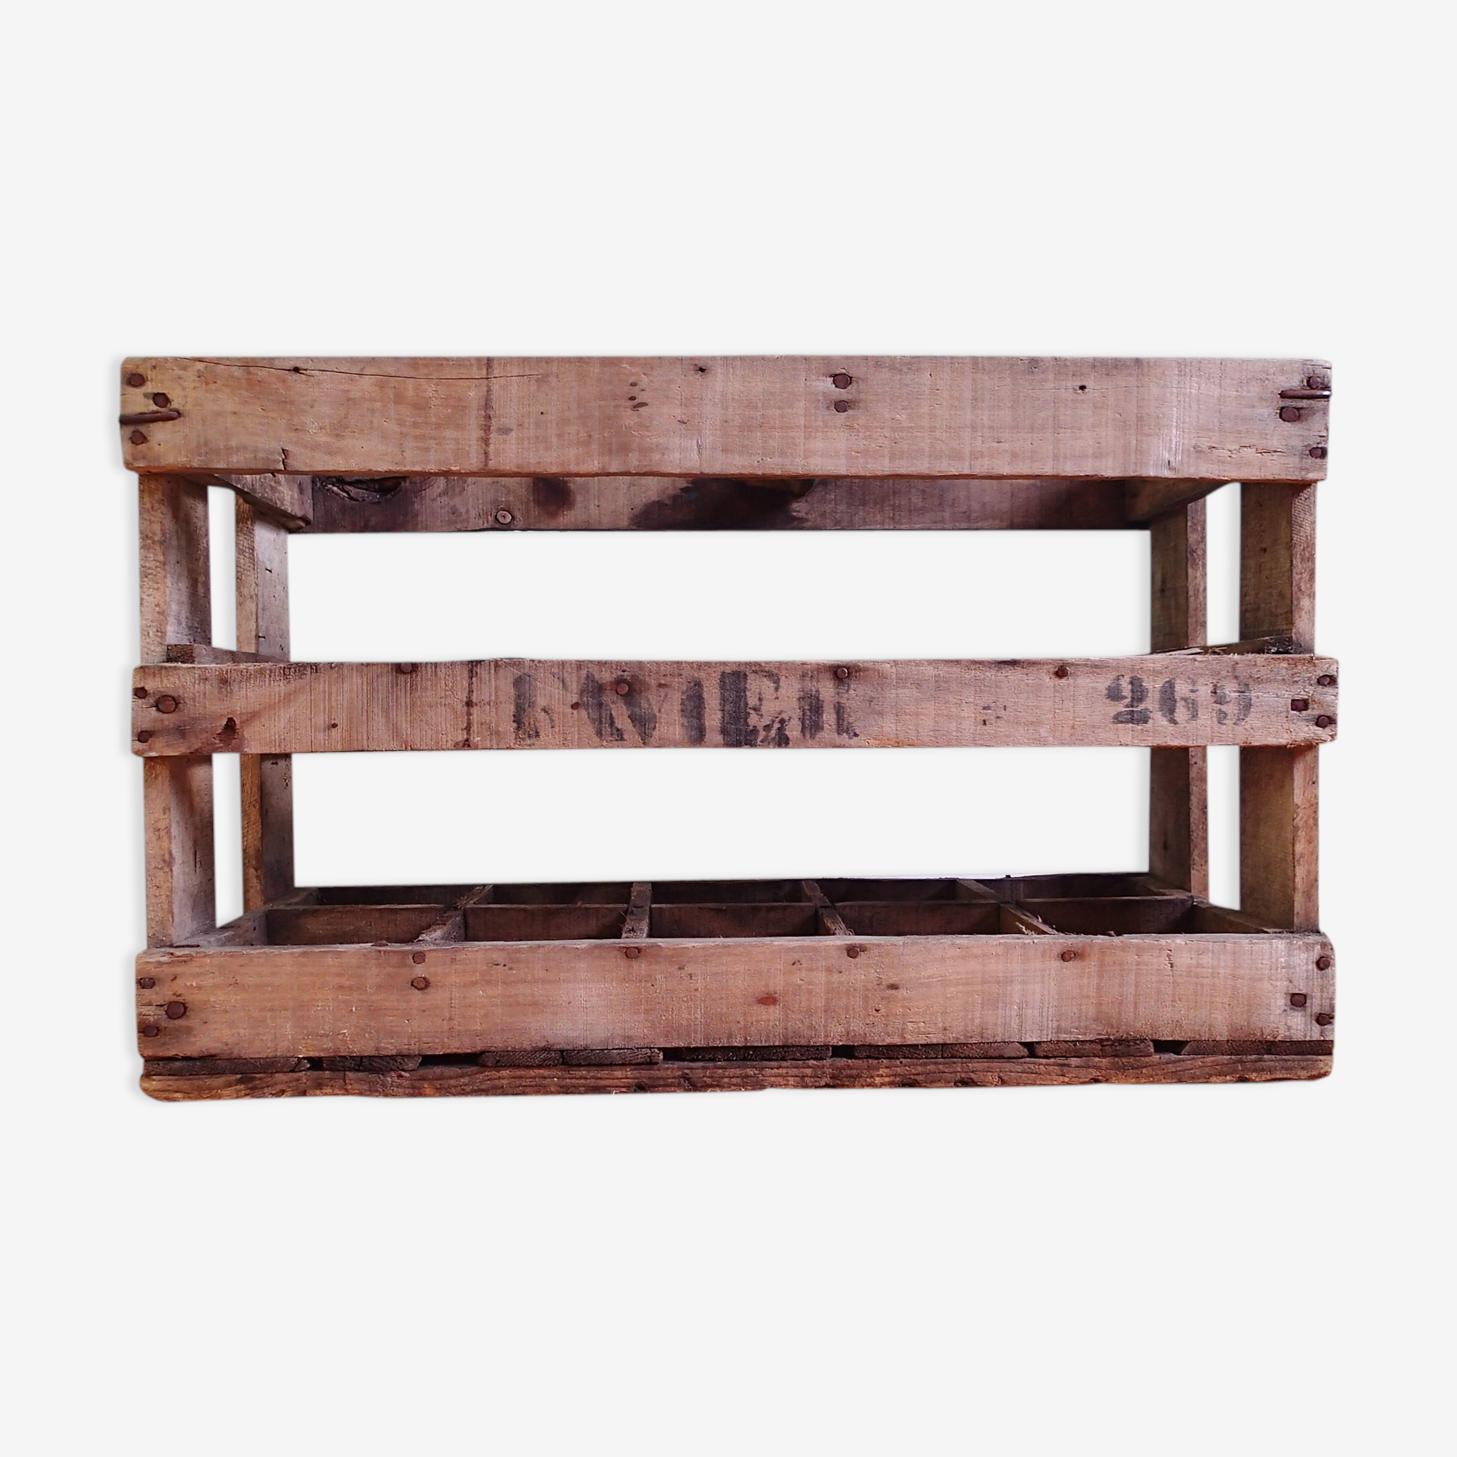 Casier caisse panier porte bouteilles en bois ancien